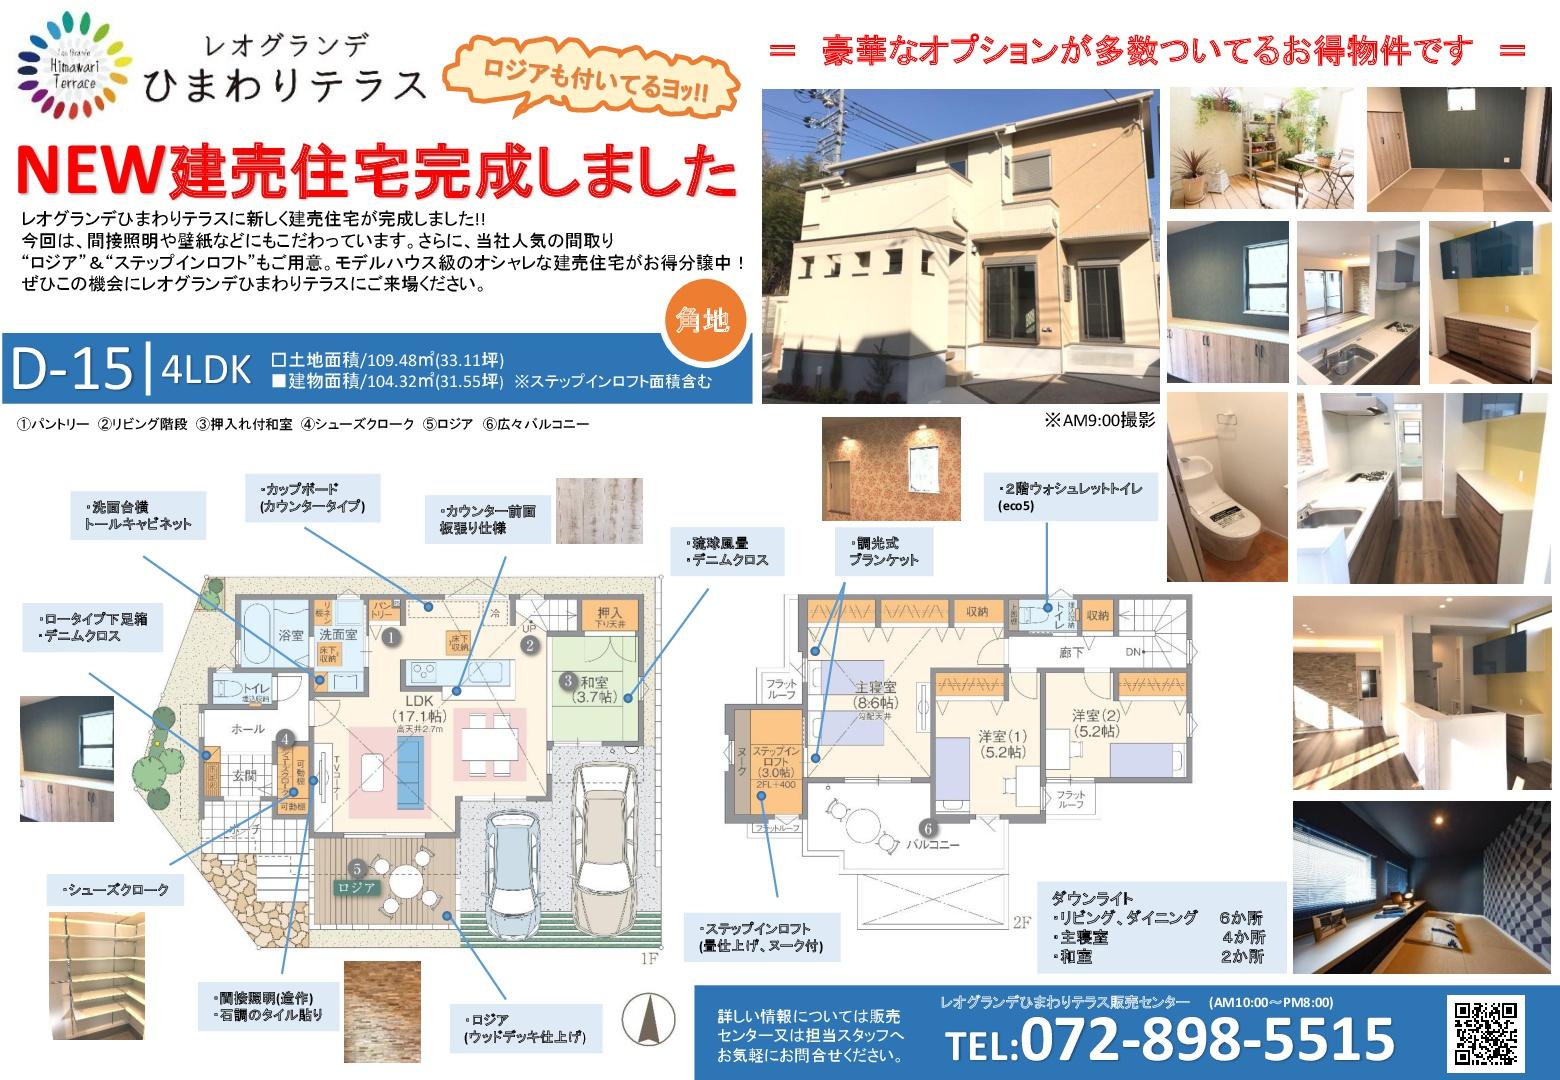 『NEW建売住宅完成』ひまわりテラス